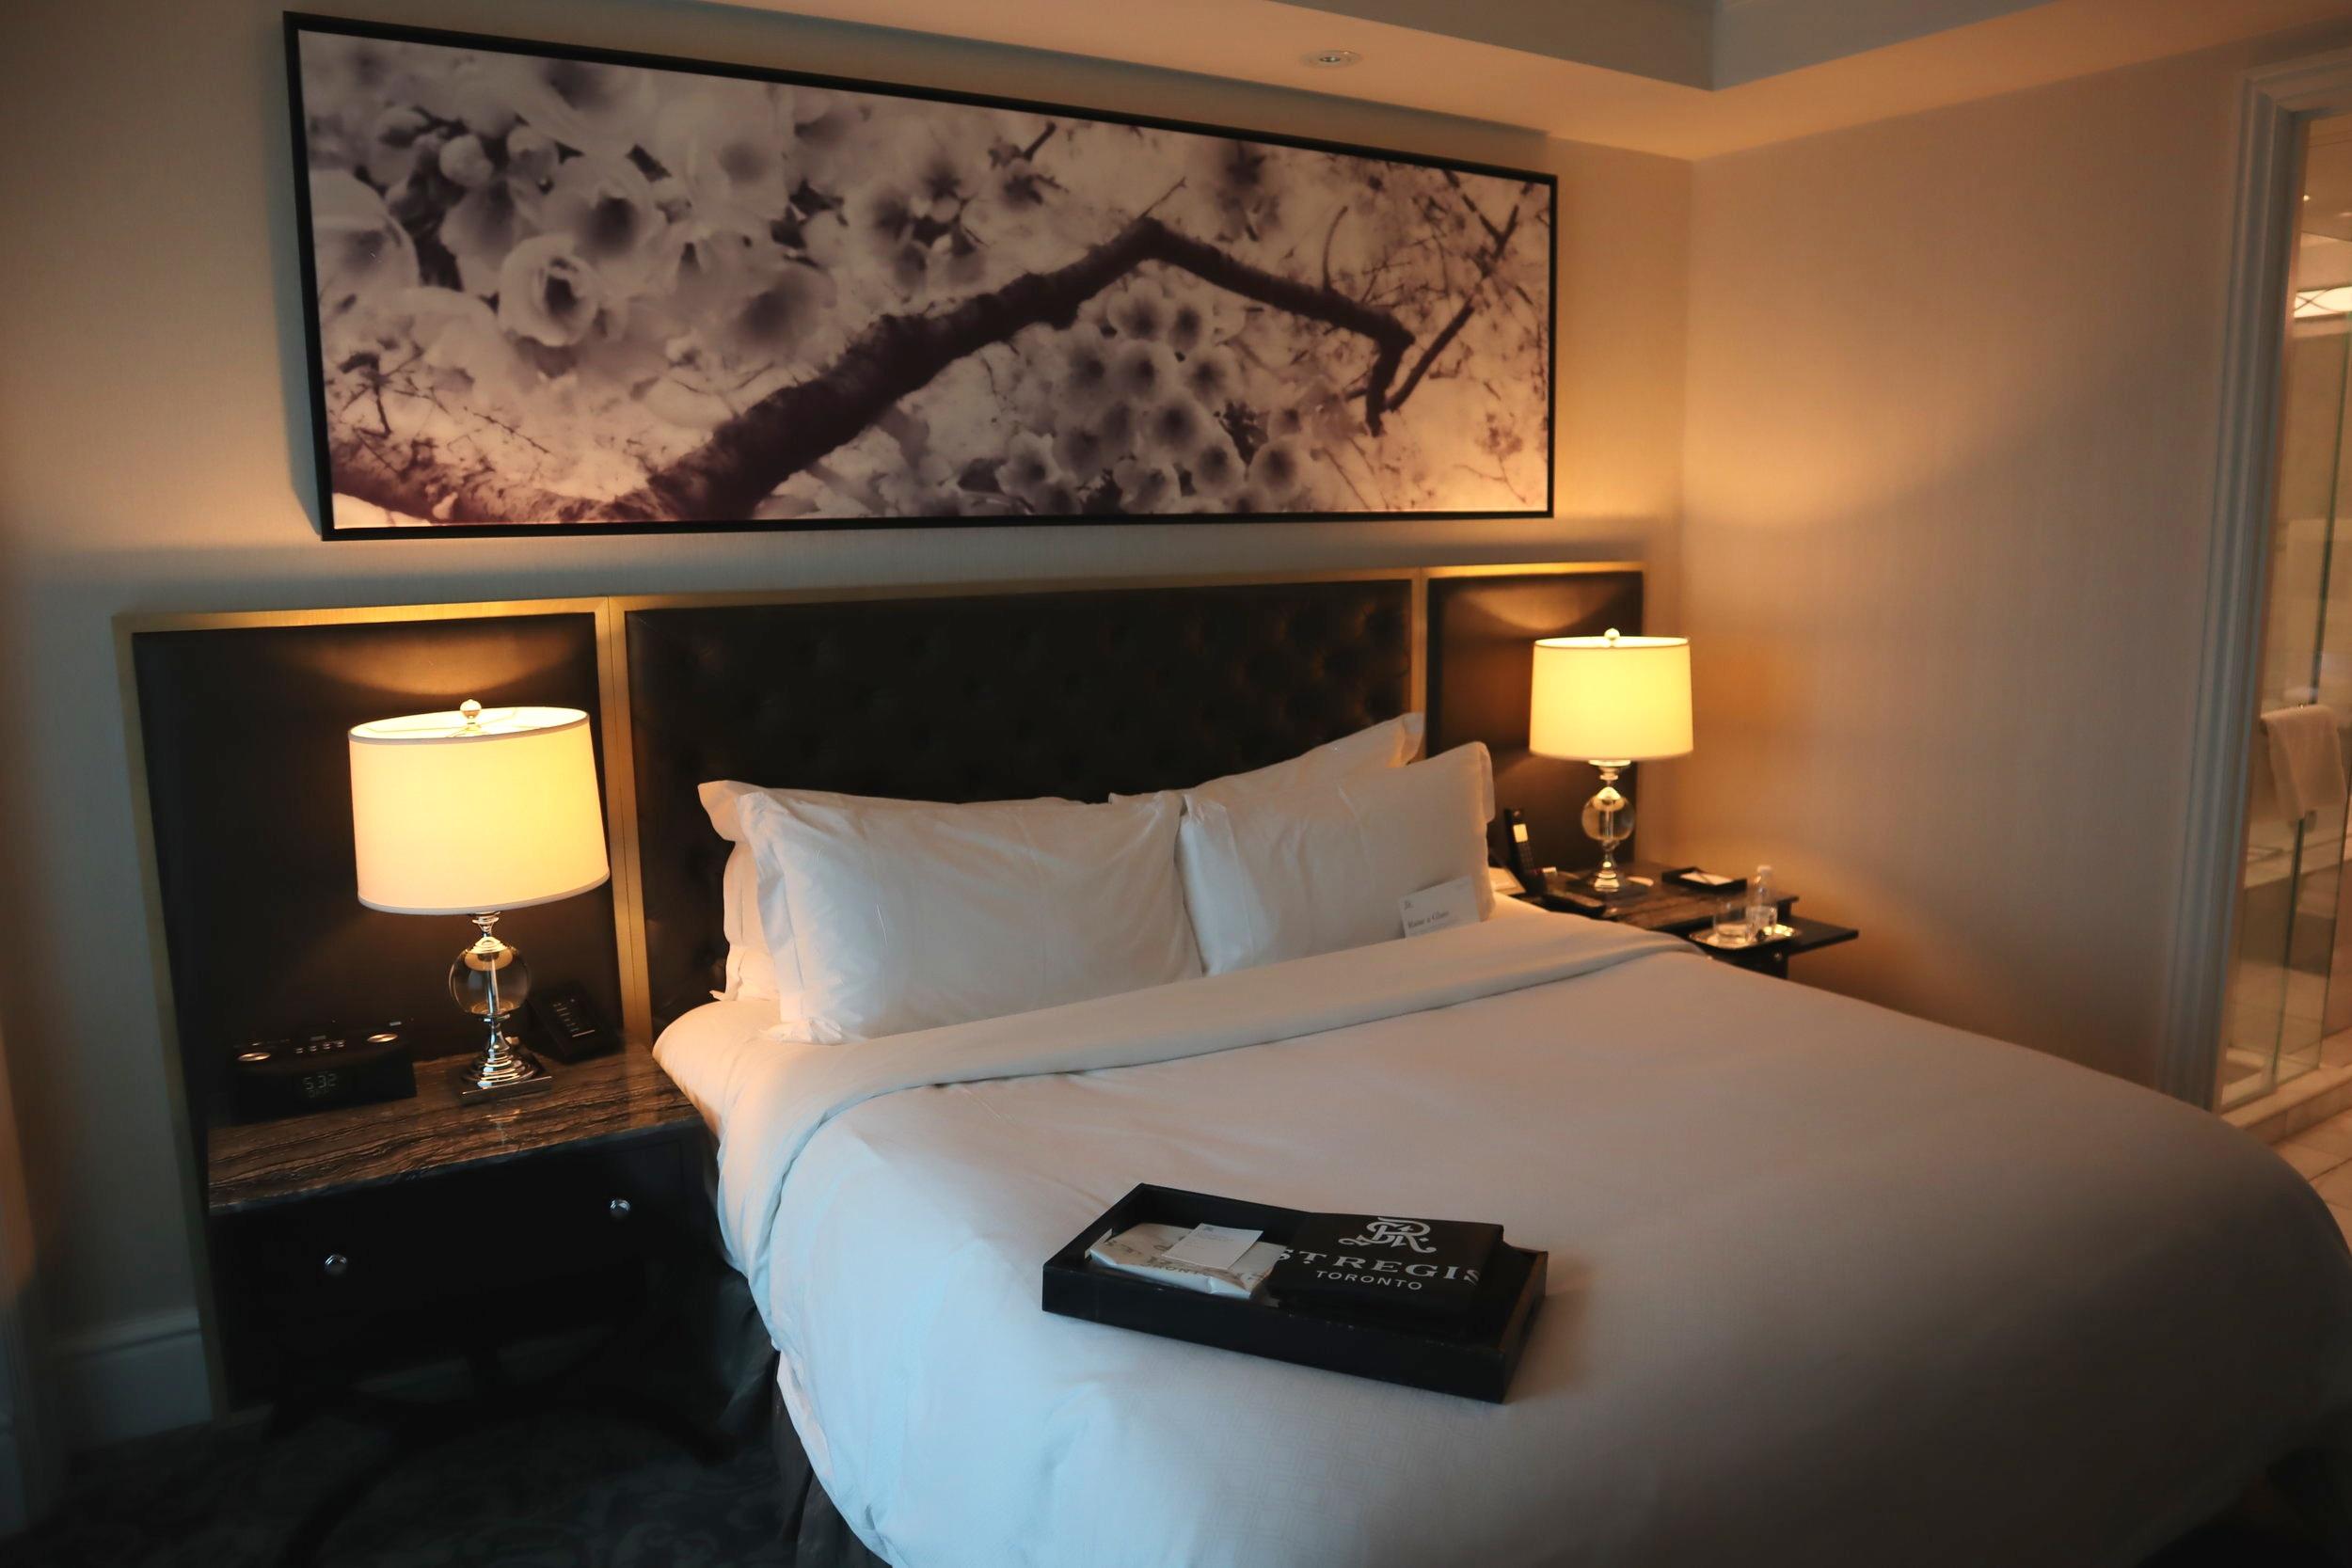 St. Regis Toronto – Two-bedroom suite master bedroom king bed